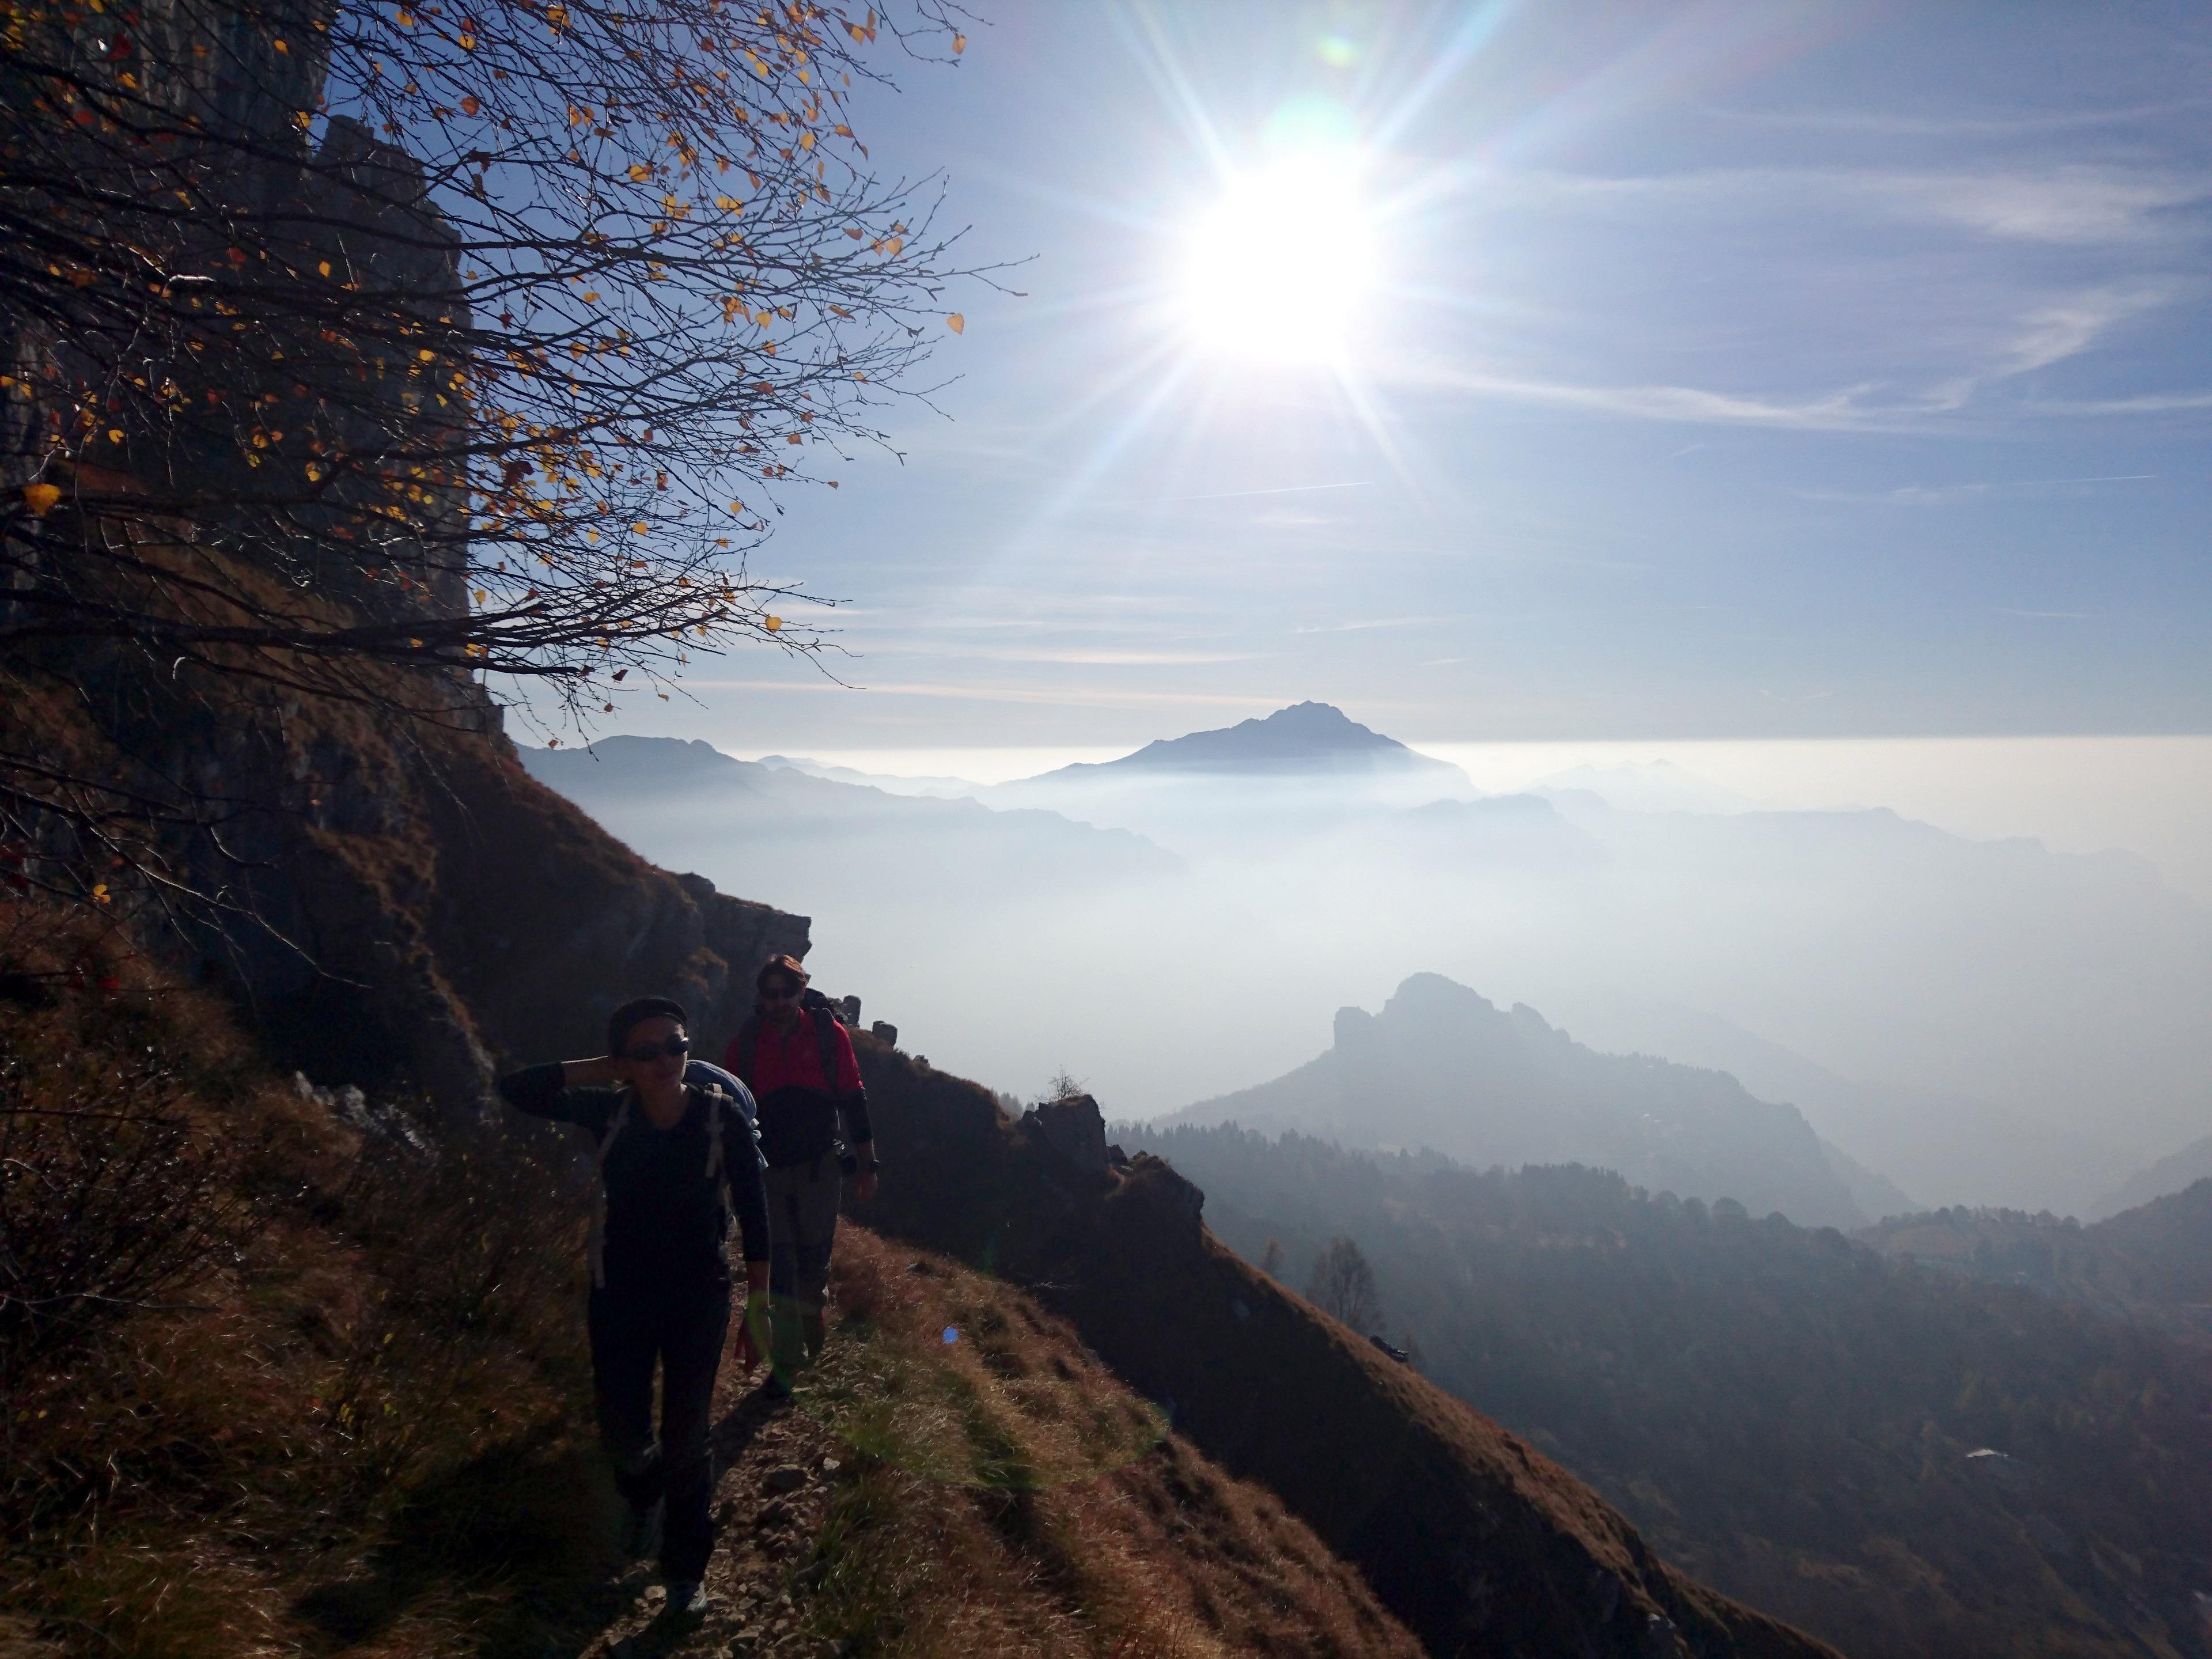 lungo la Direttissima per il Rosalba: non lasciatevi ingannare... quello dietro di noi, in pianura, è smog!